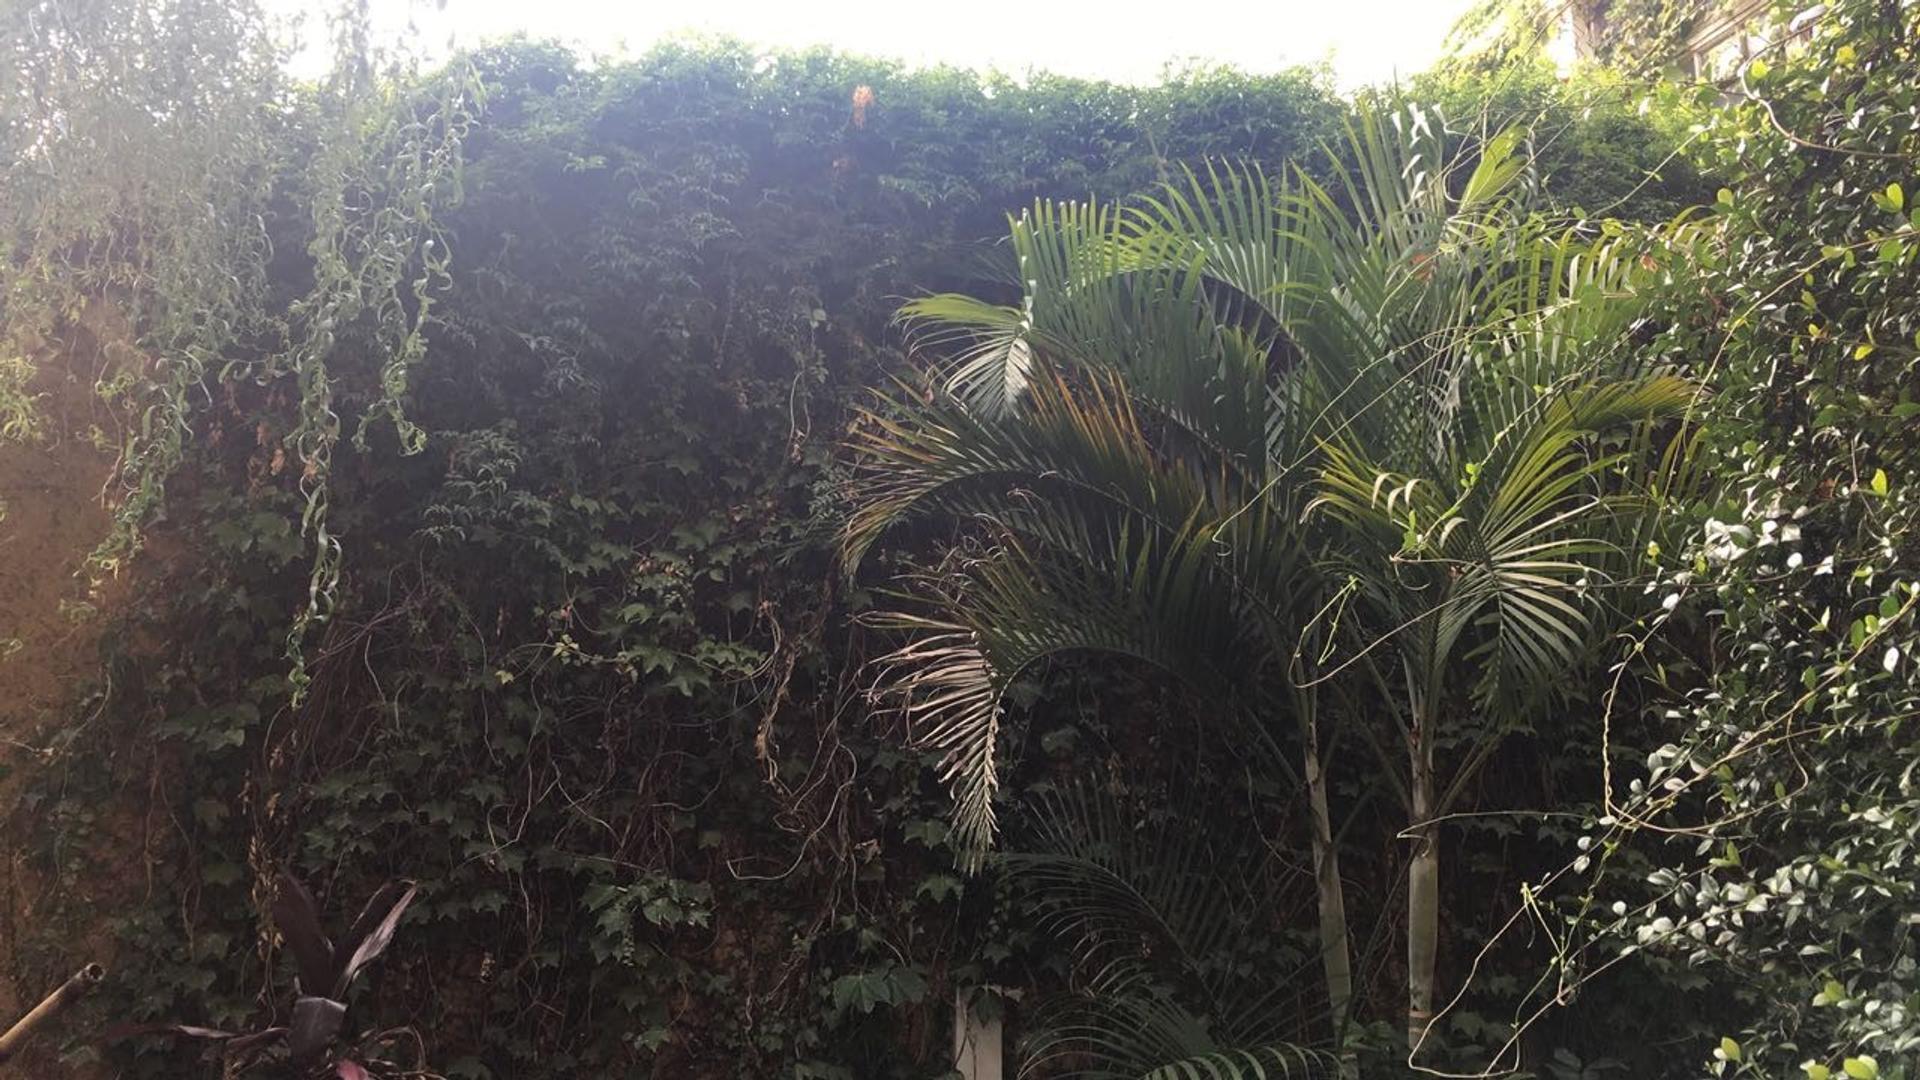 Vendo departamento tipo casa, 3 ambientes, jardín, cochera, patio y baulera. - Foto 17